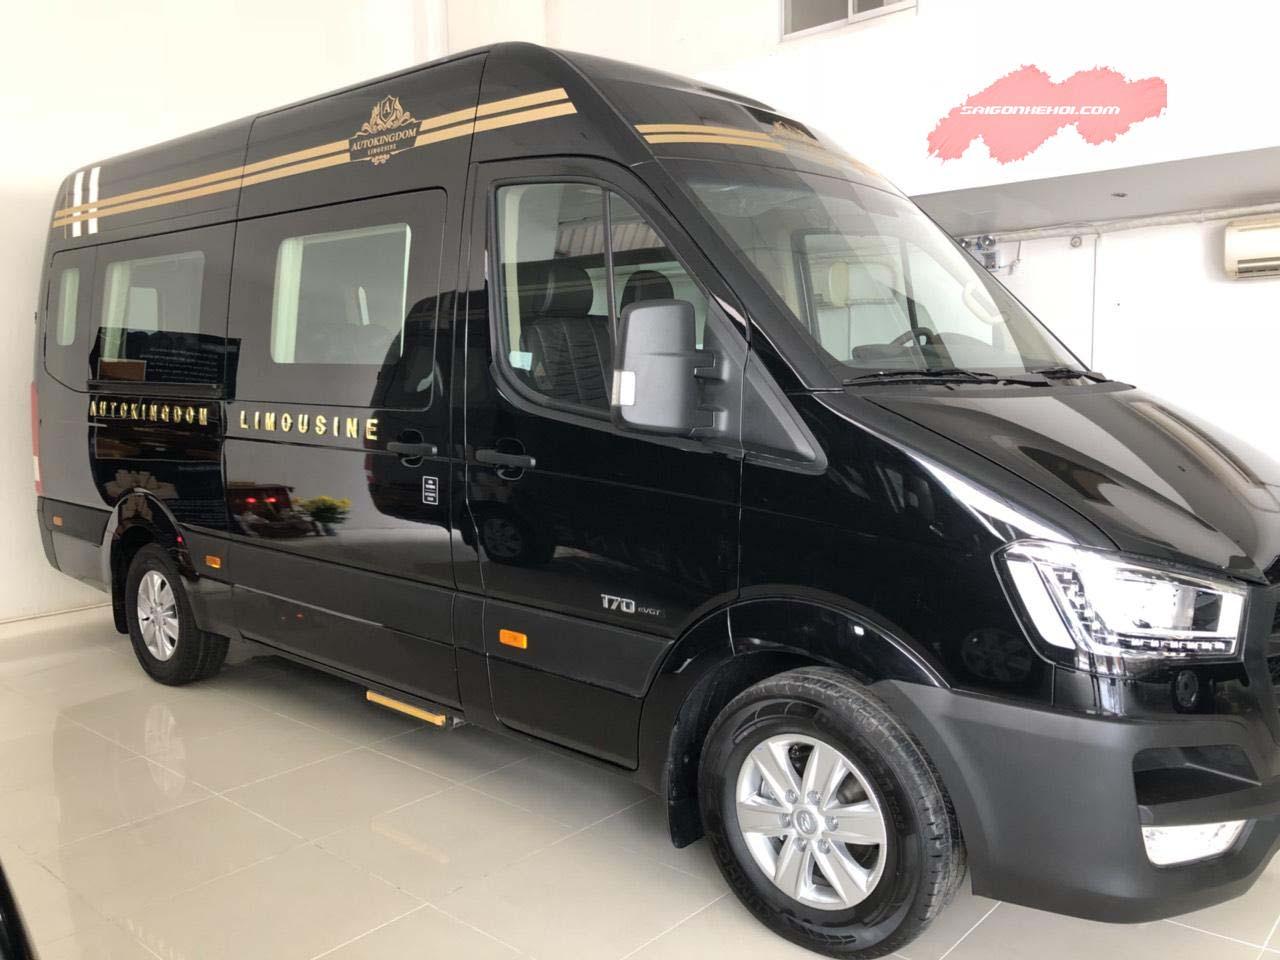 Giá lăn bánh Hyundai Solati Limousine 2020